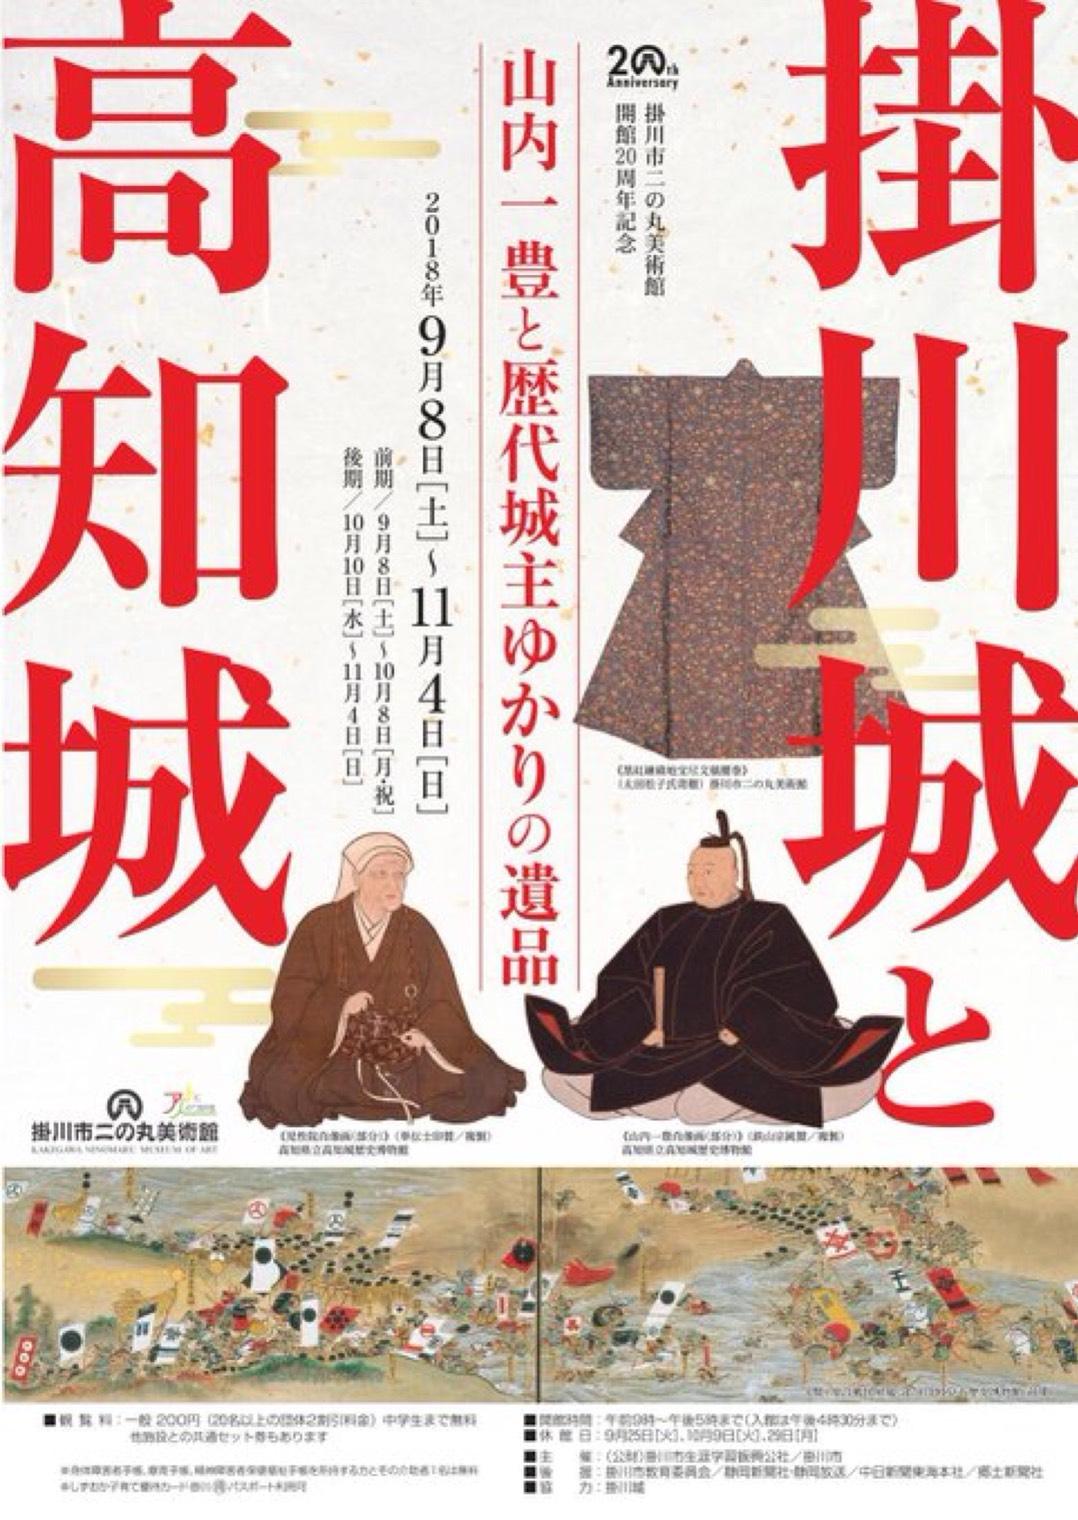 「掛川城と高知城 山内一豊と歴代城主ゆかりの遺品」展